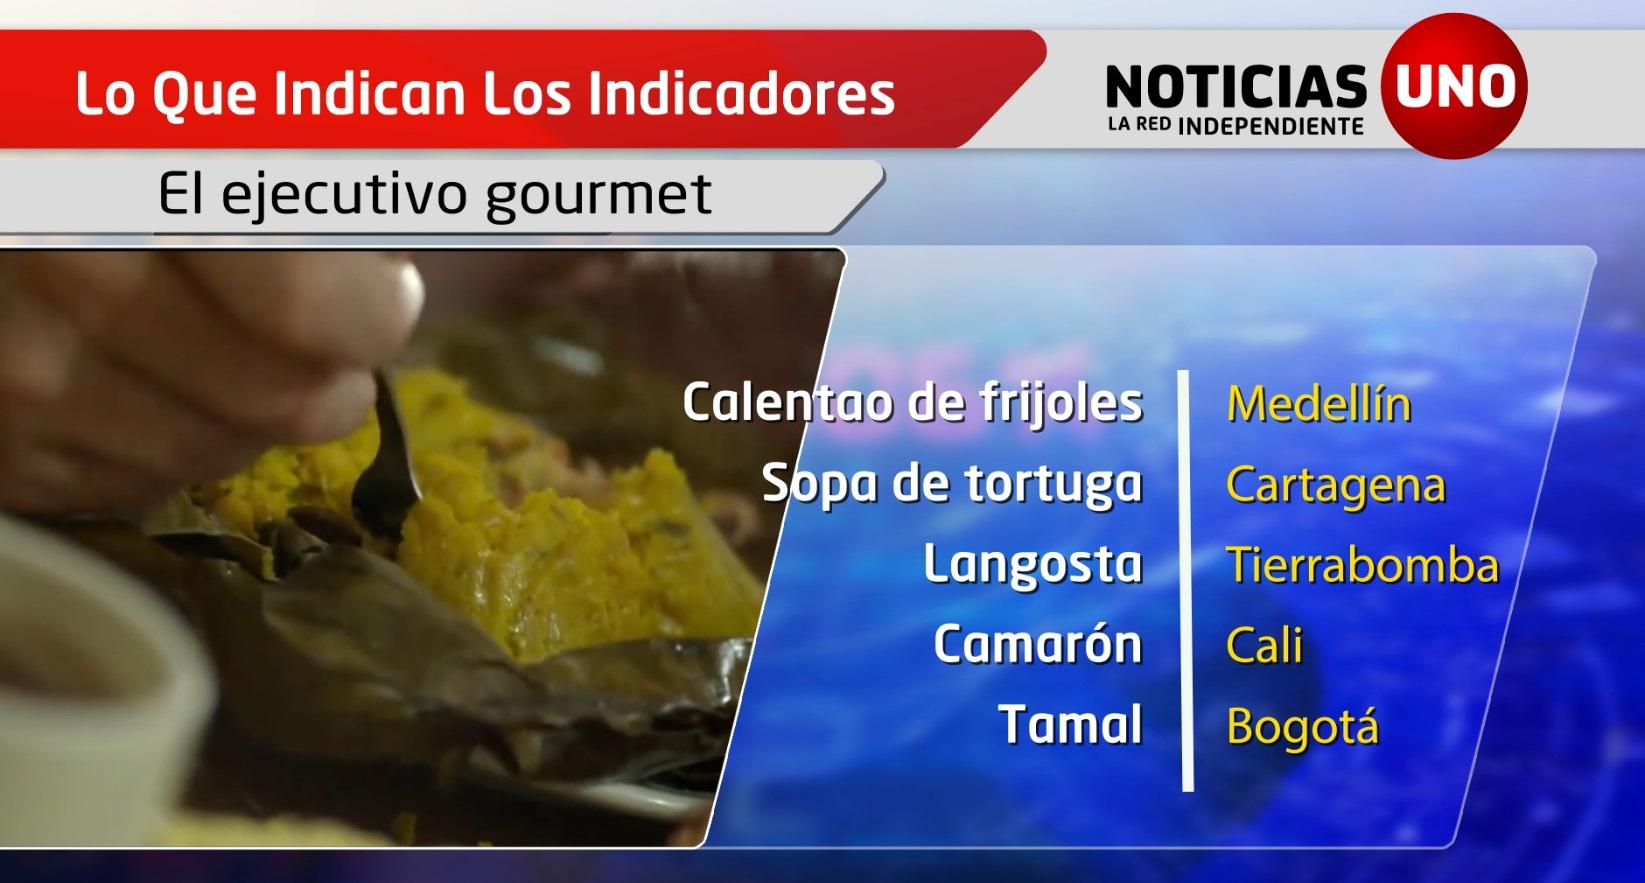 Indicadores: Los platos gourmet en Colombia